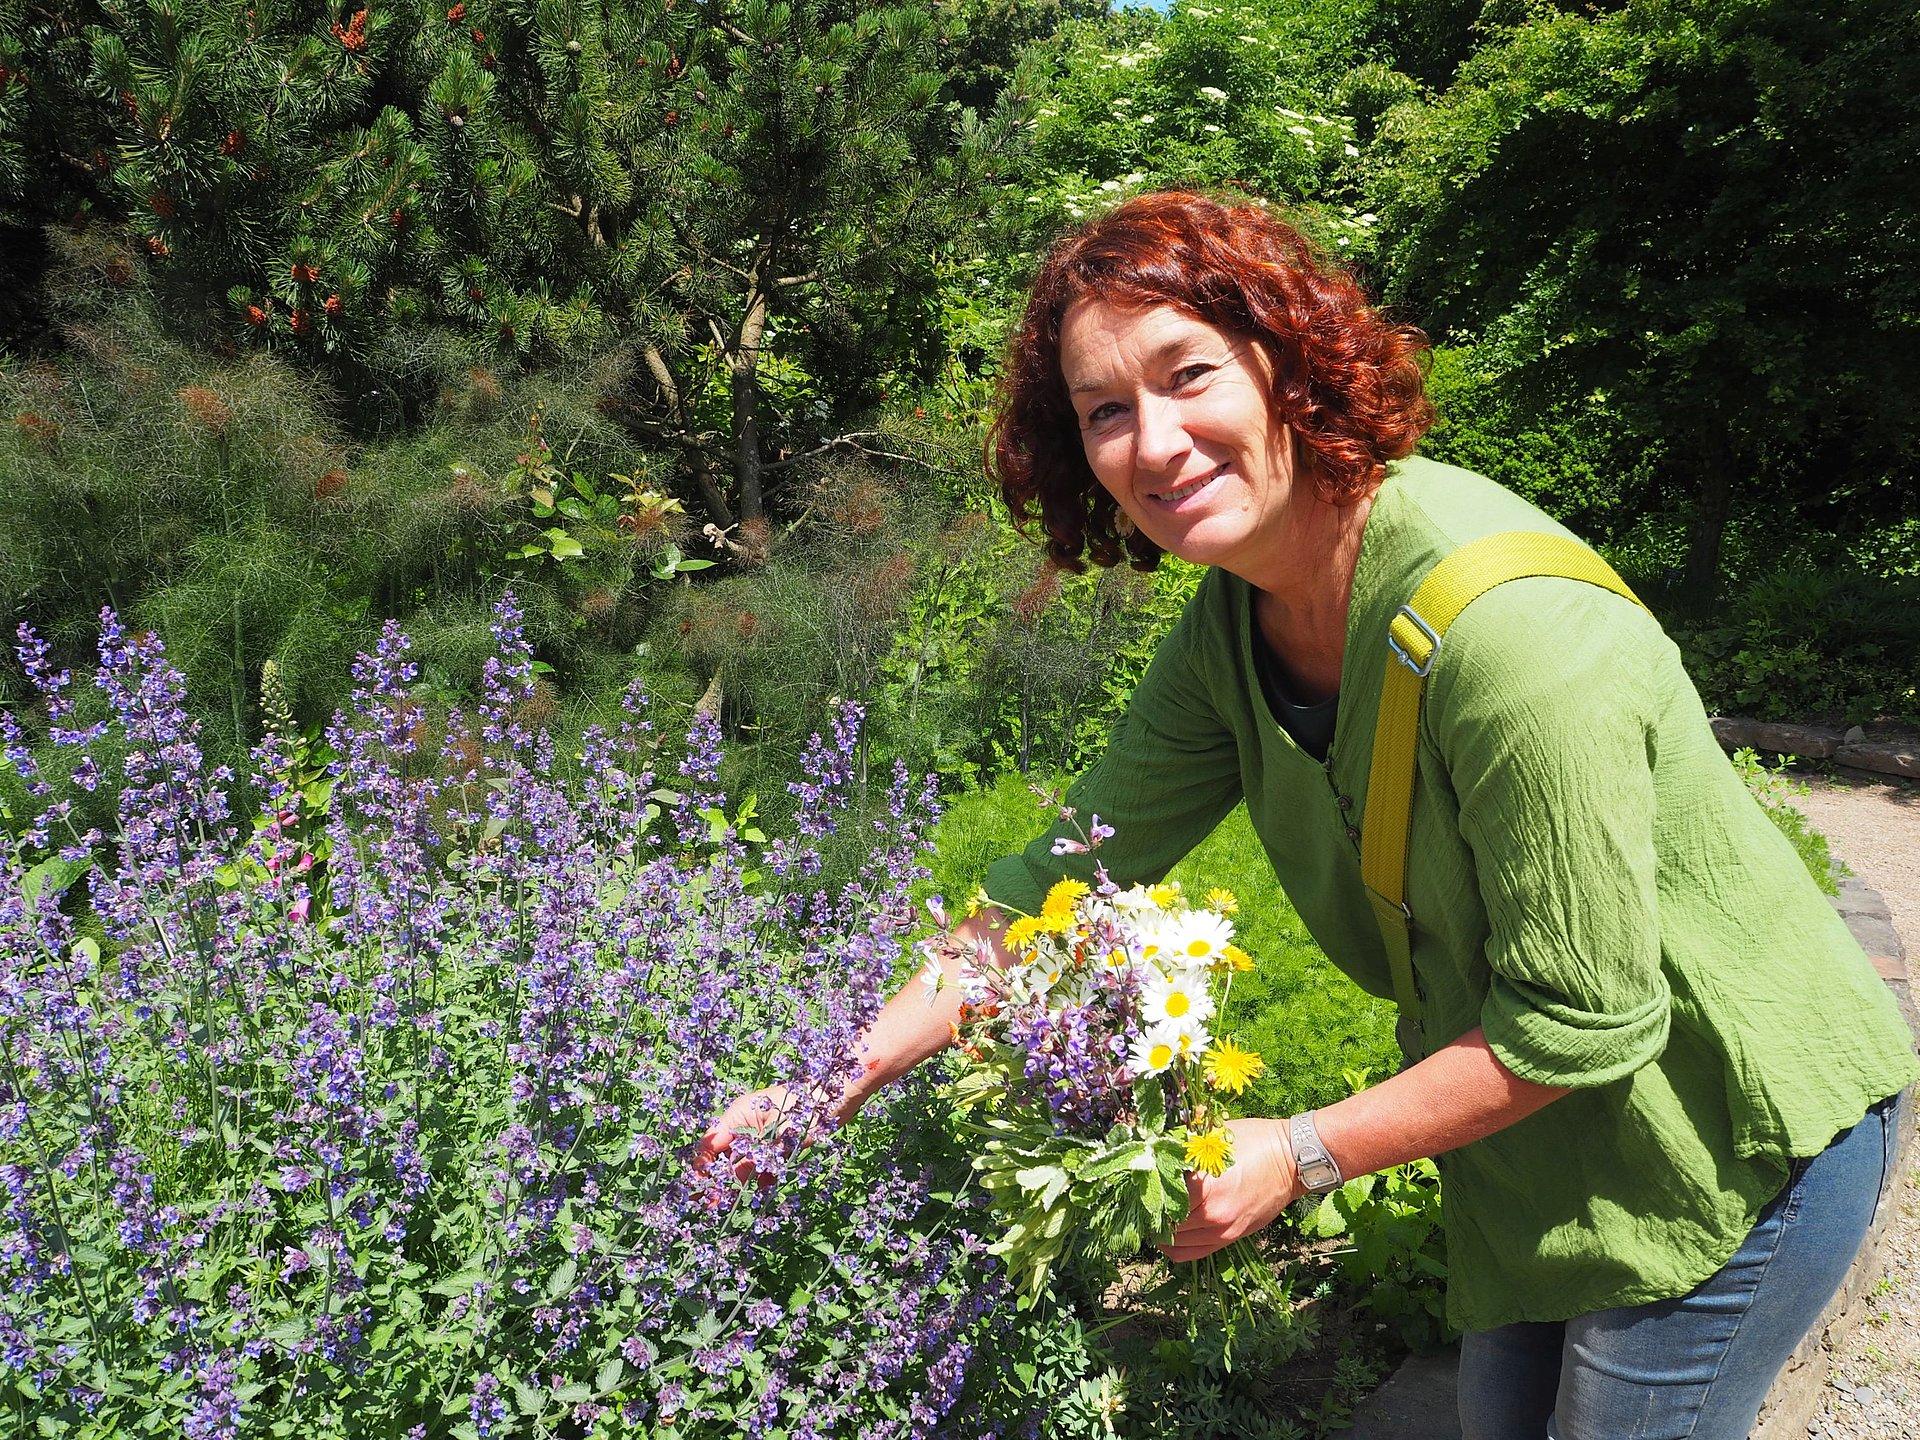 Met kruidenexpert Iris Franzen in de apothekerstuin Bad Marienberg, Westerwald